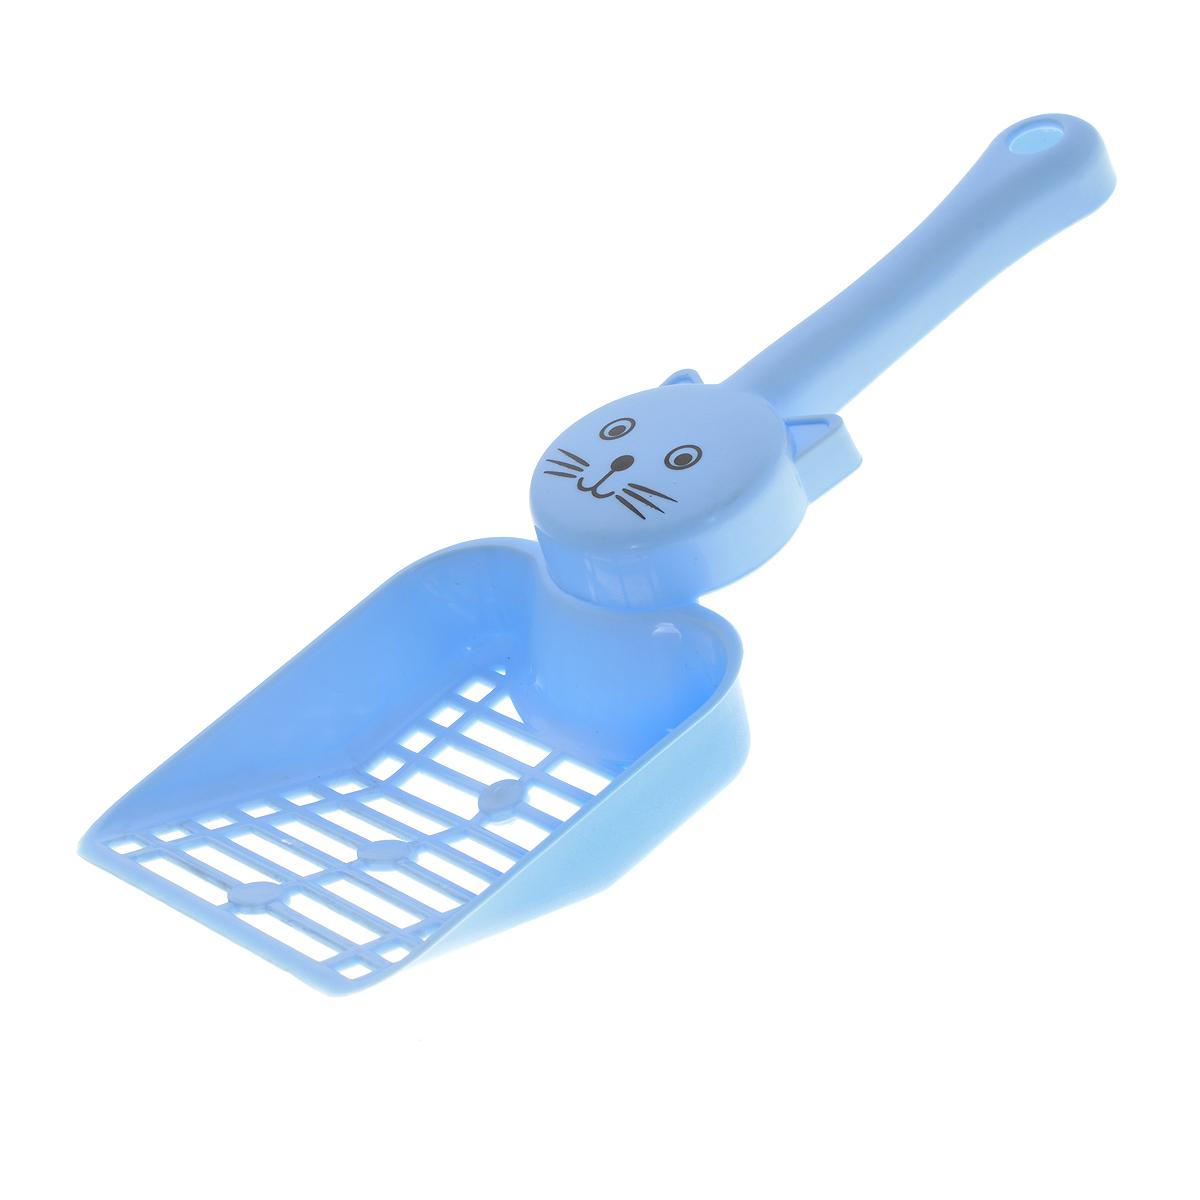 Совок для кошачьего туалета, цвет: голубой. P203 совок v i pet для кошачьего туалета цвет салатовый длина 20 см